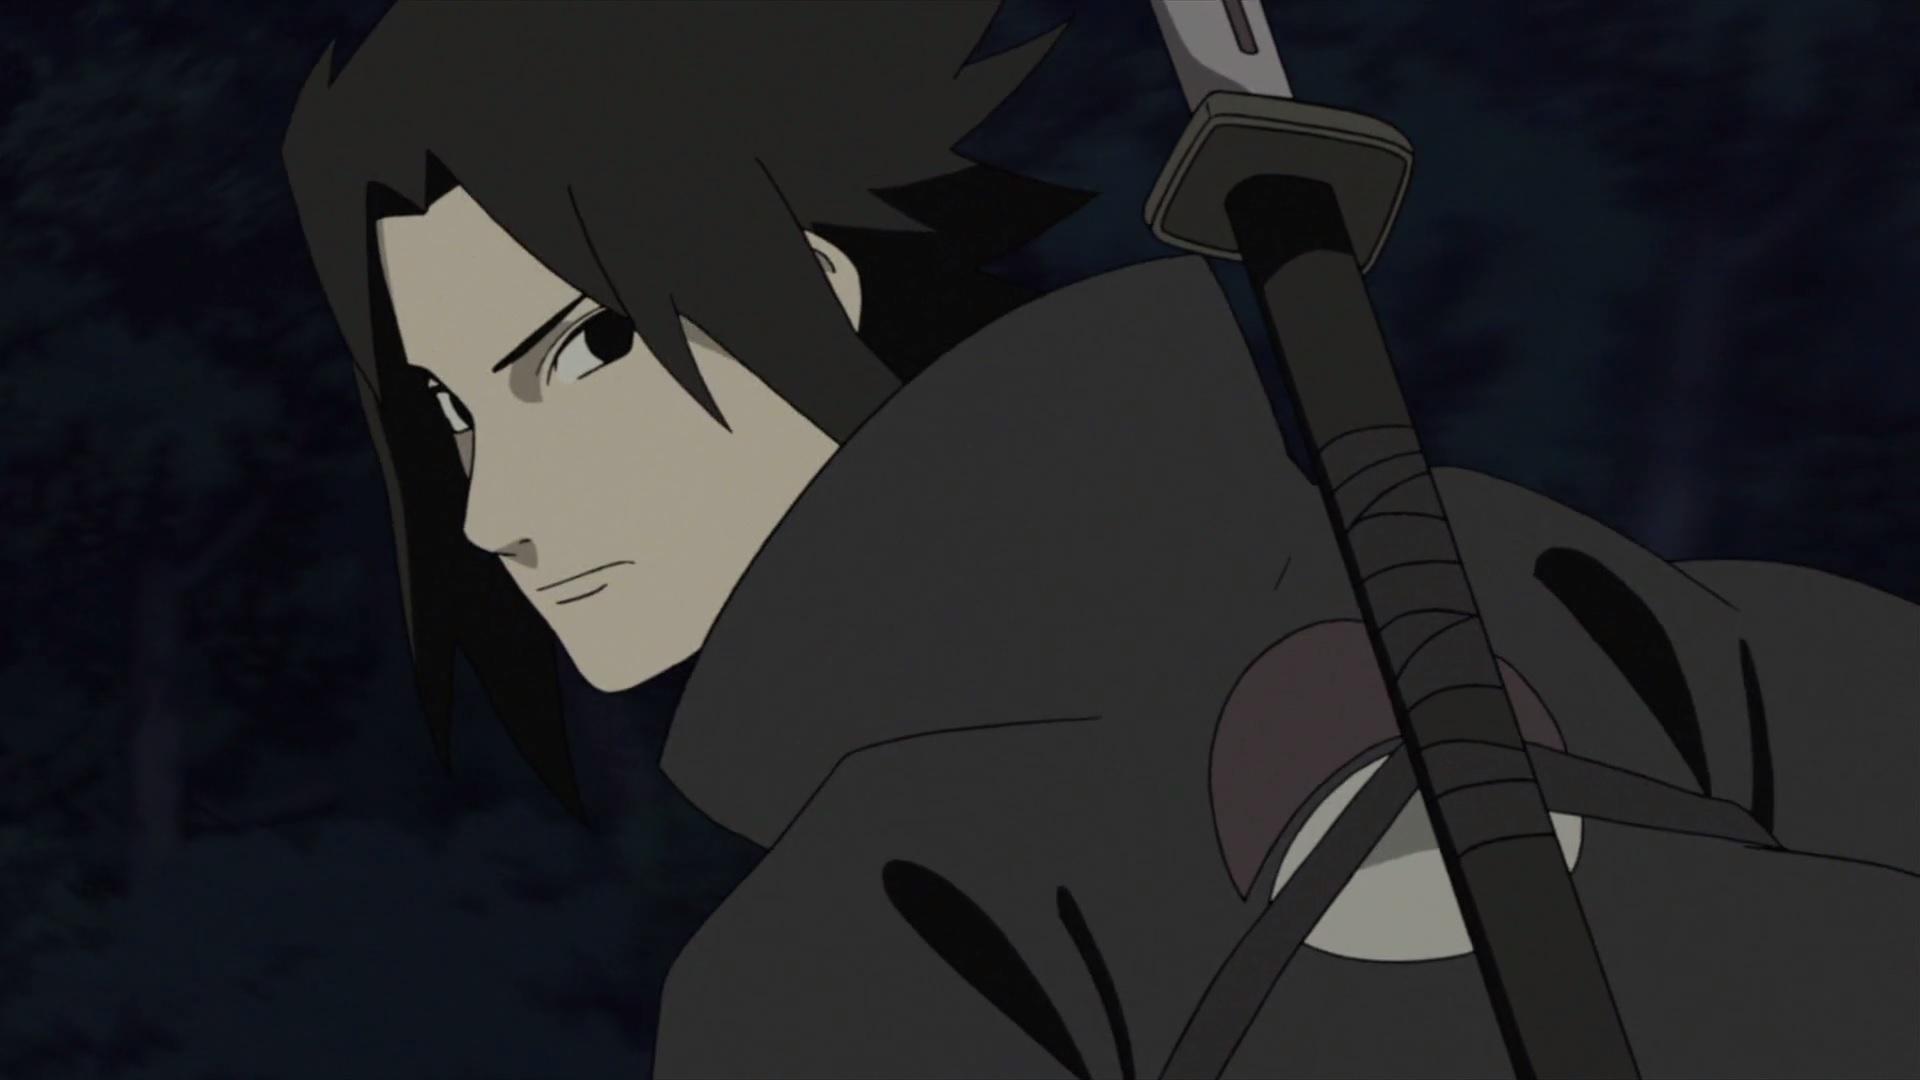 Naruto Follows Sasuke! The ANBU – Naruto Shippuden 444 ...